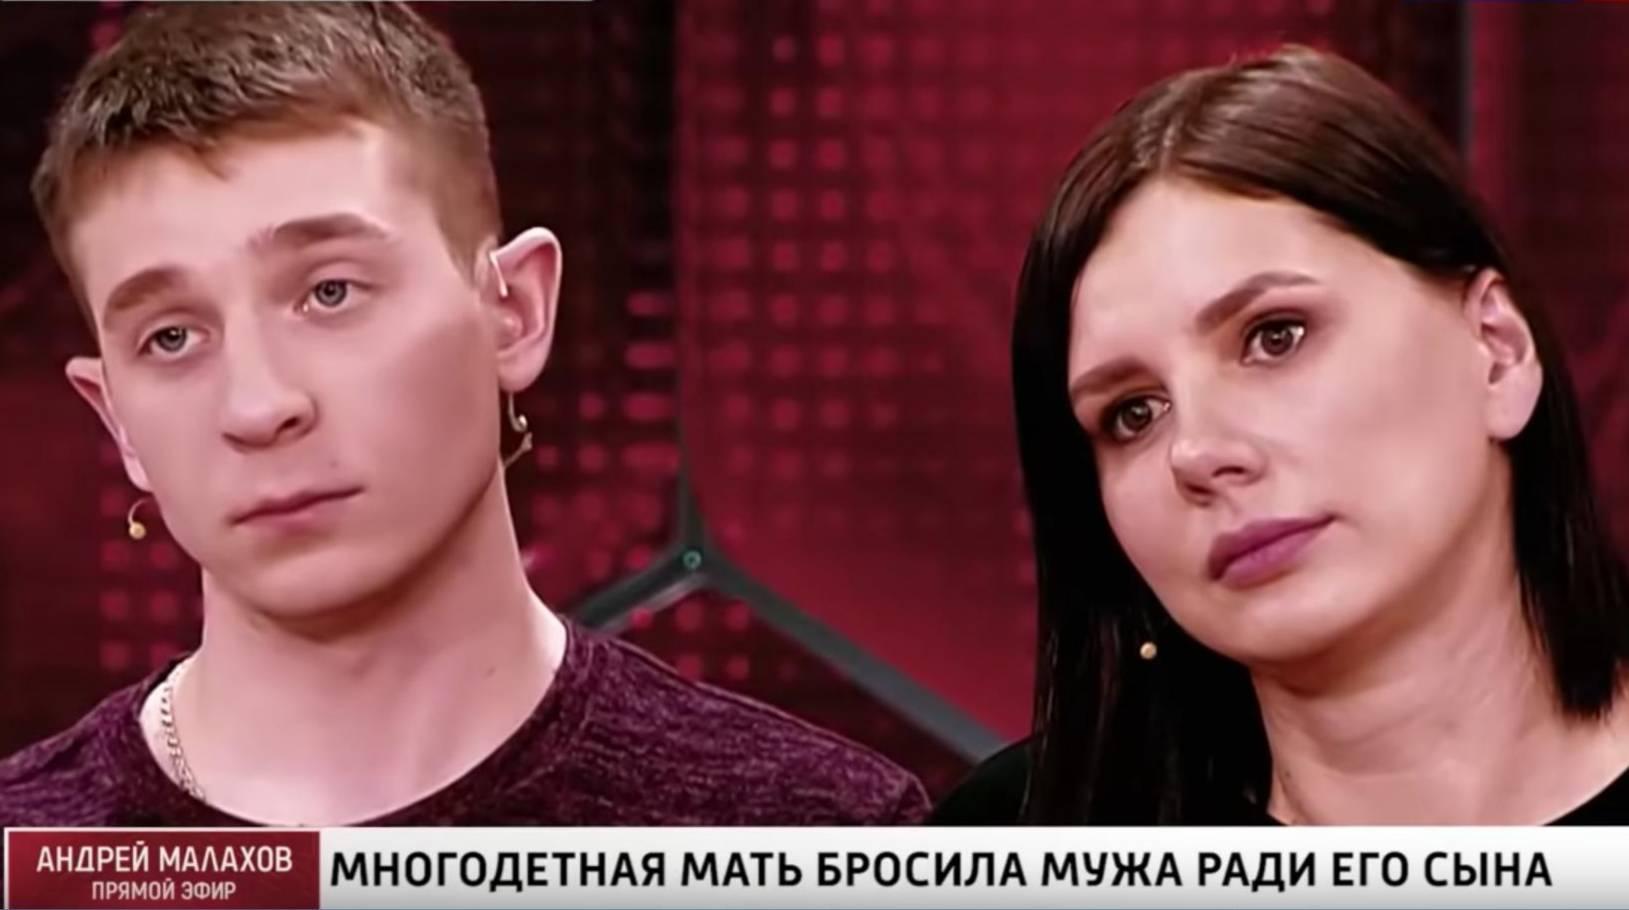 Слева — пасынок Марины Балмашевой Вова. Скриншот © YouTube / Прямой эфир